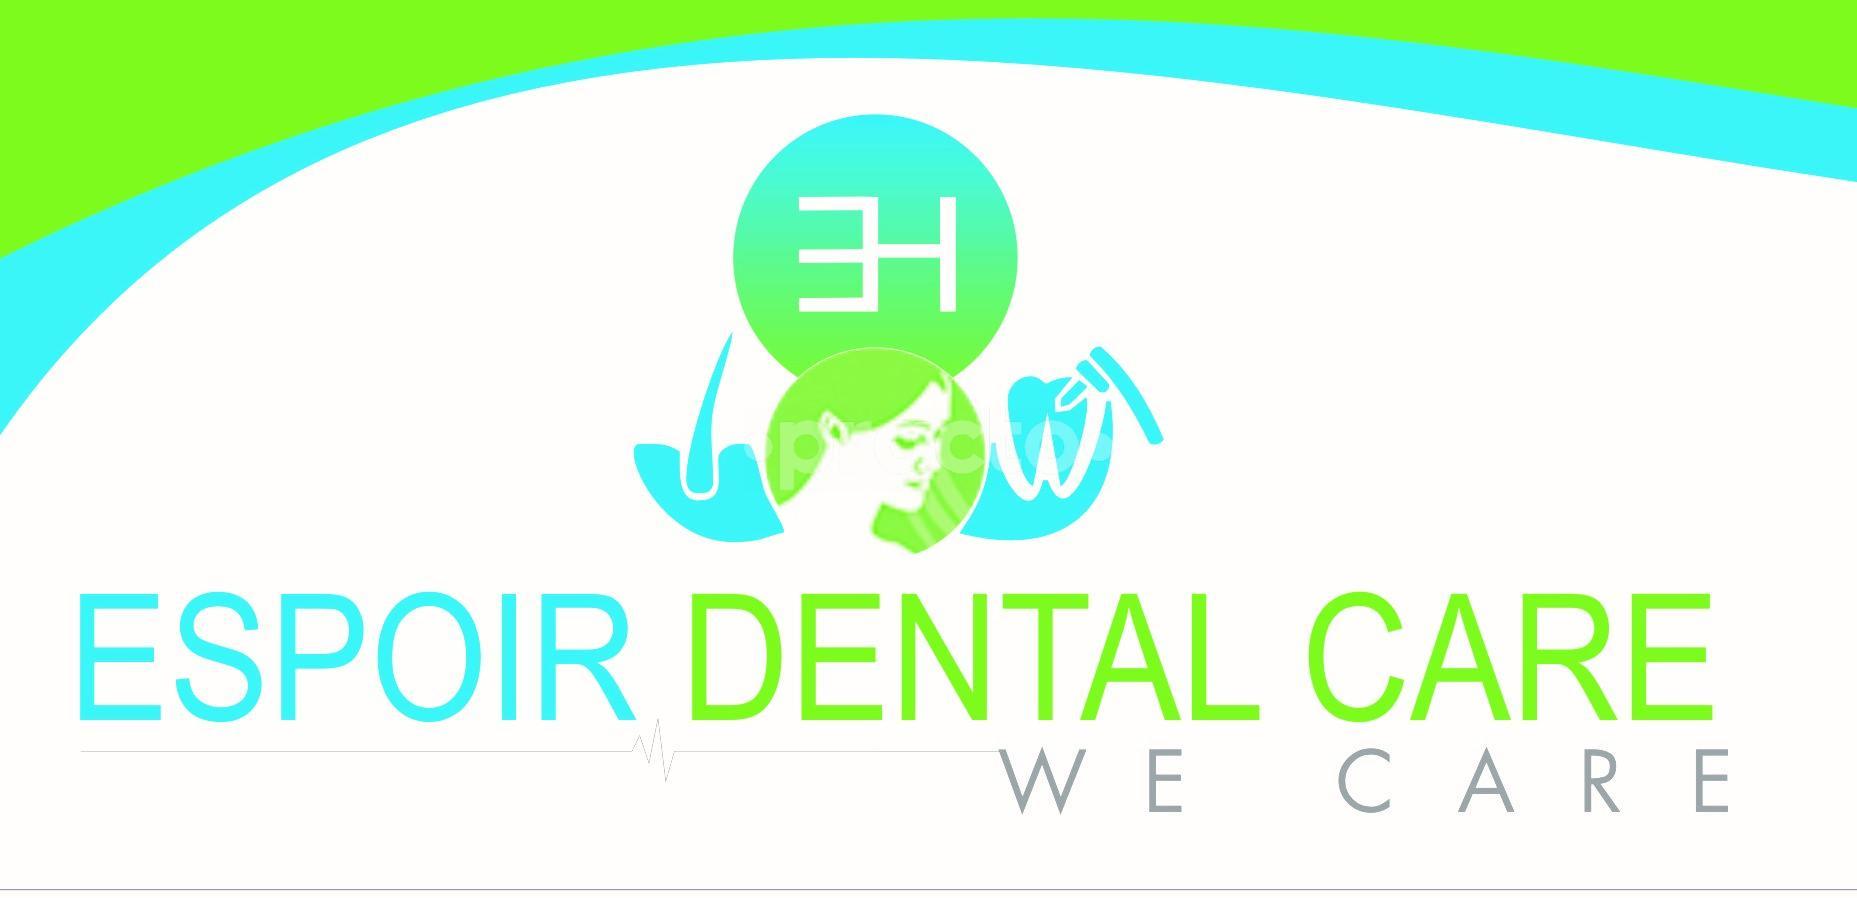 Espoir Dental Care